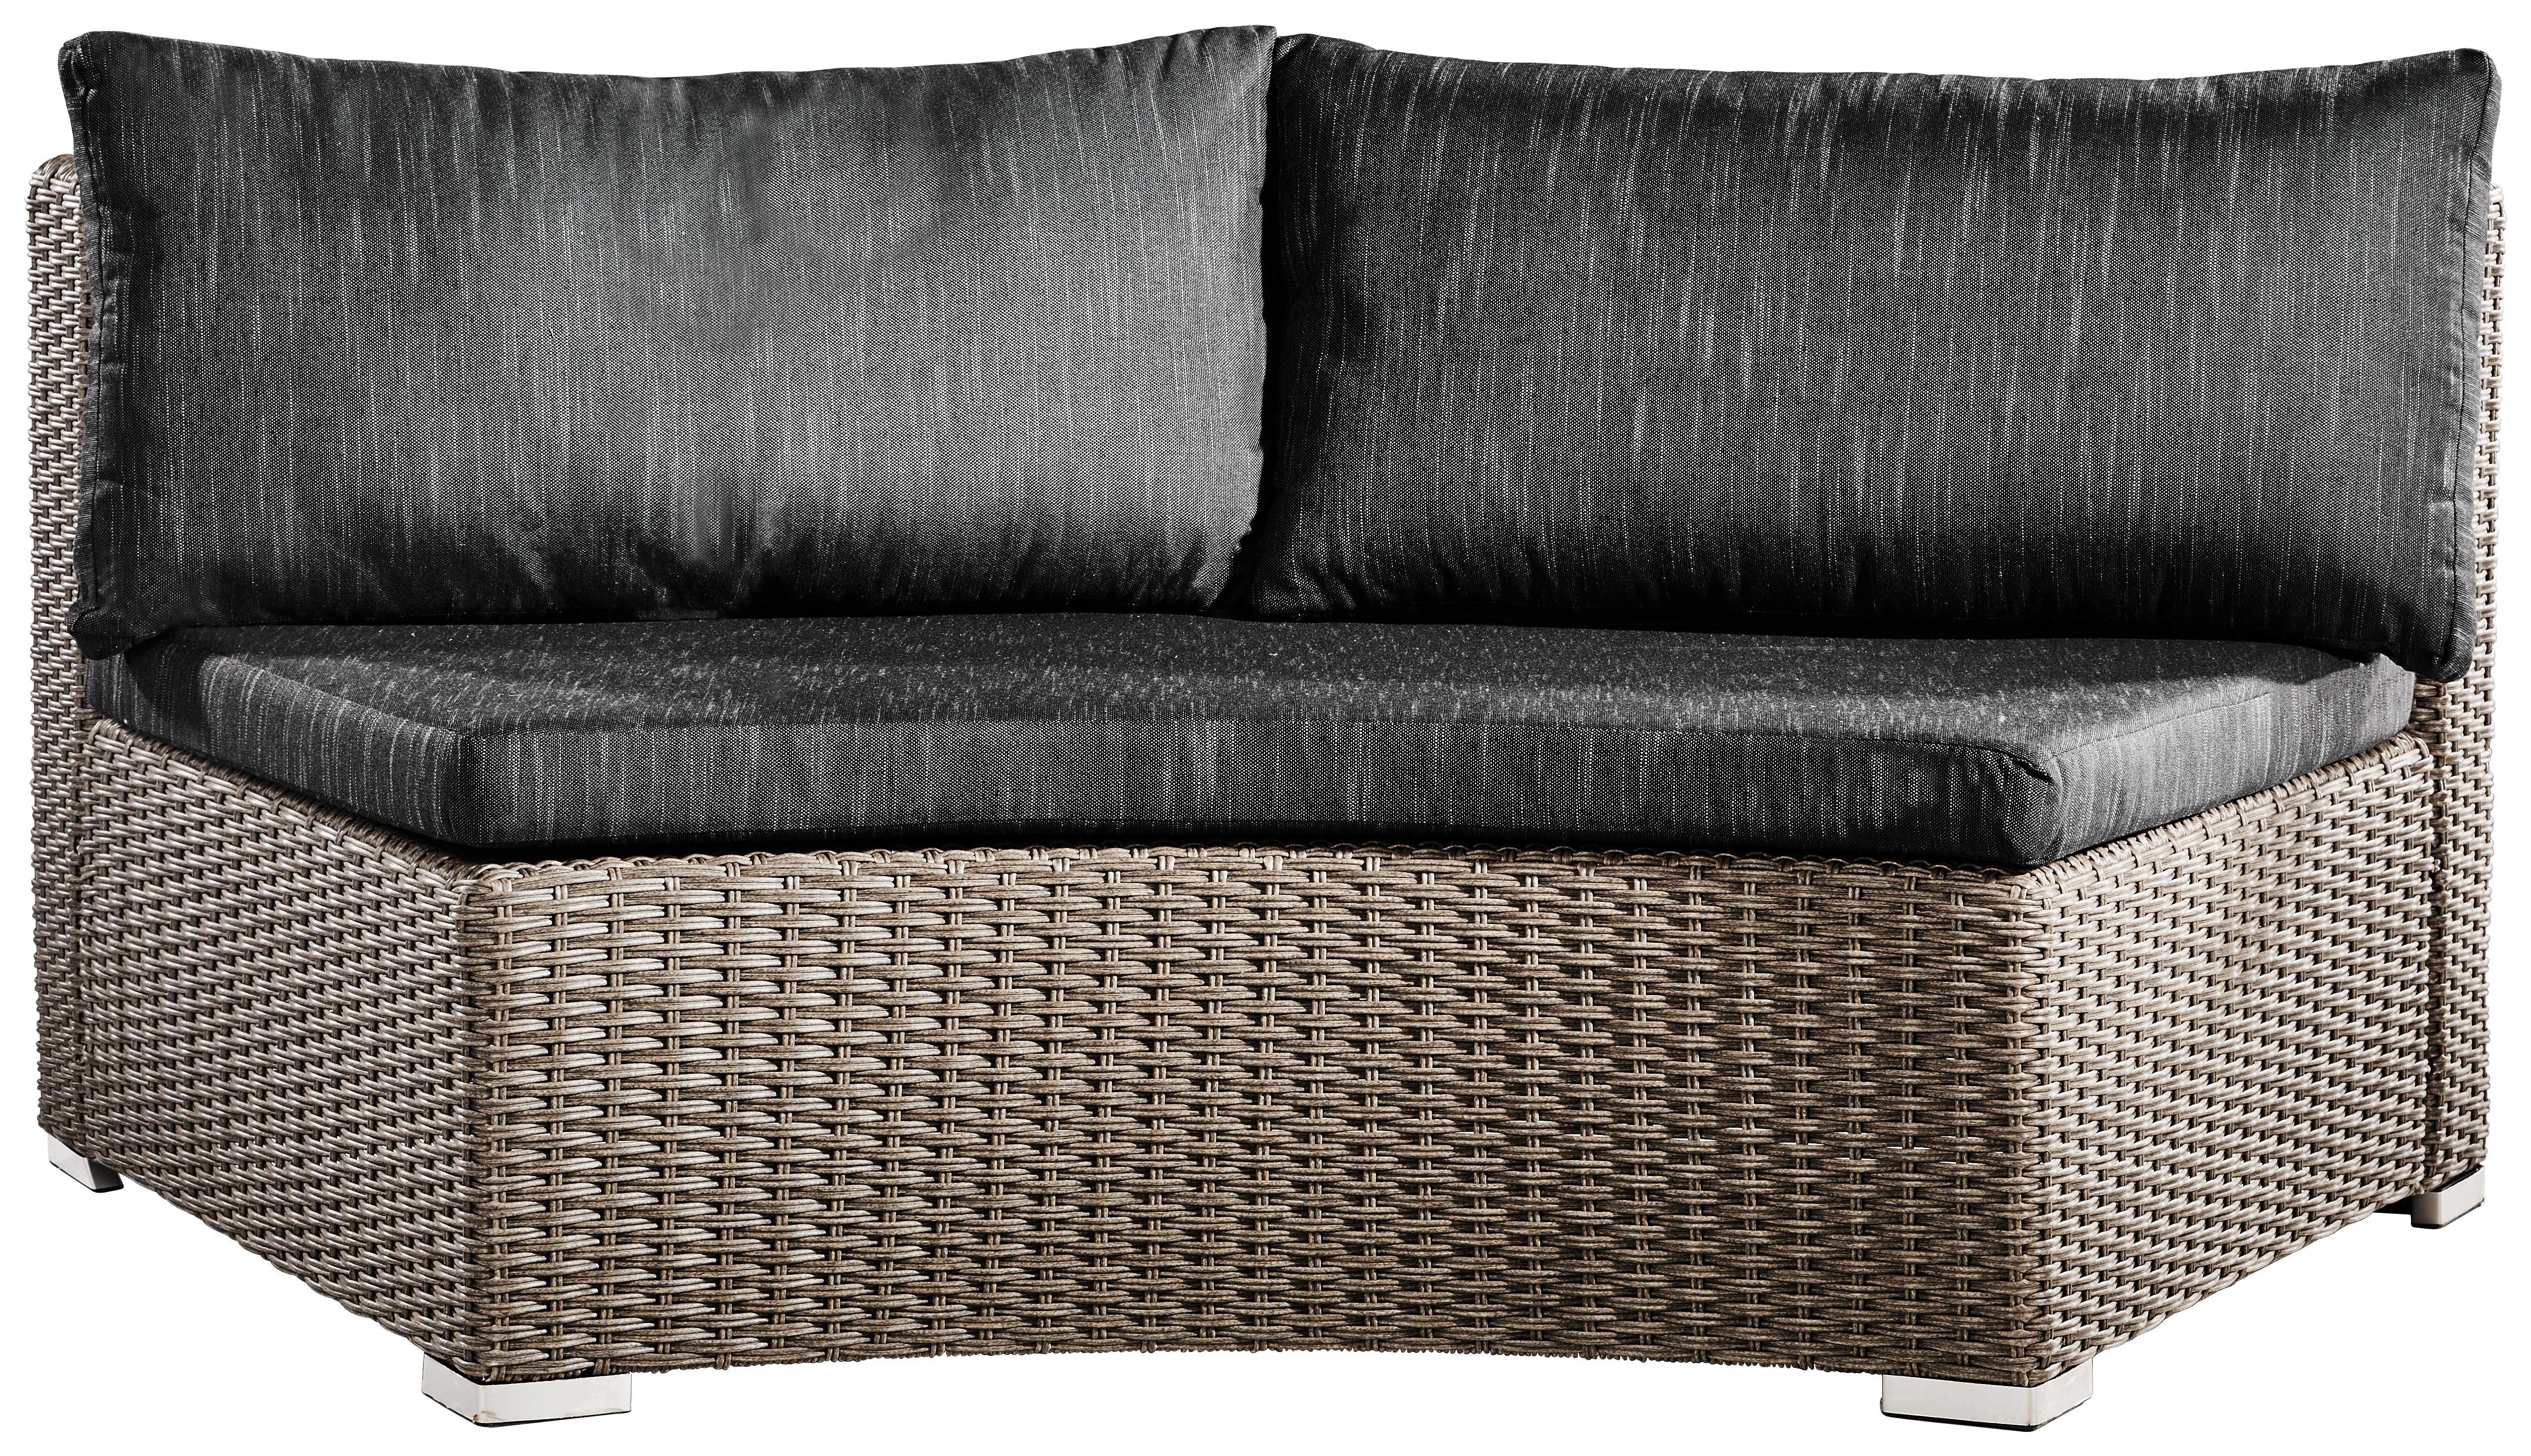 LOUNGEMITTELTEIL  Kunststoffgeflecht Aluminium Grau, Schwarz - Schwarz/Grau, Trend, Kunststoff/Textil (166/70/88cm) - AMBIA GARDEN